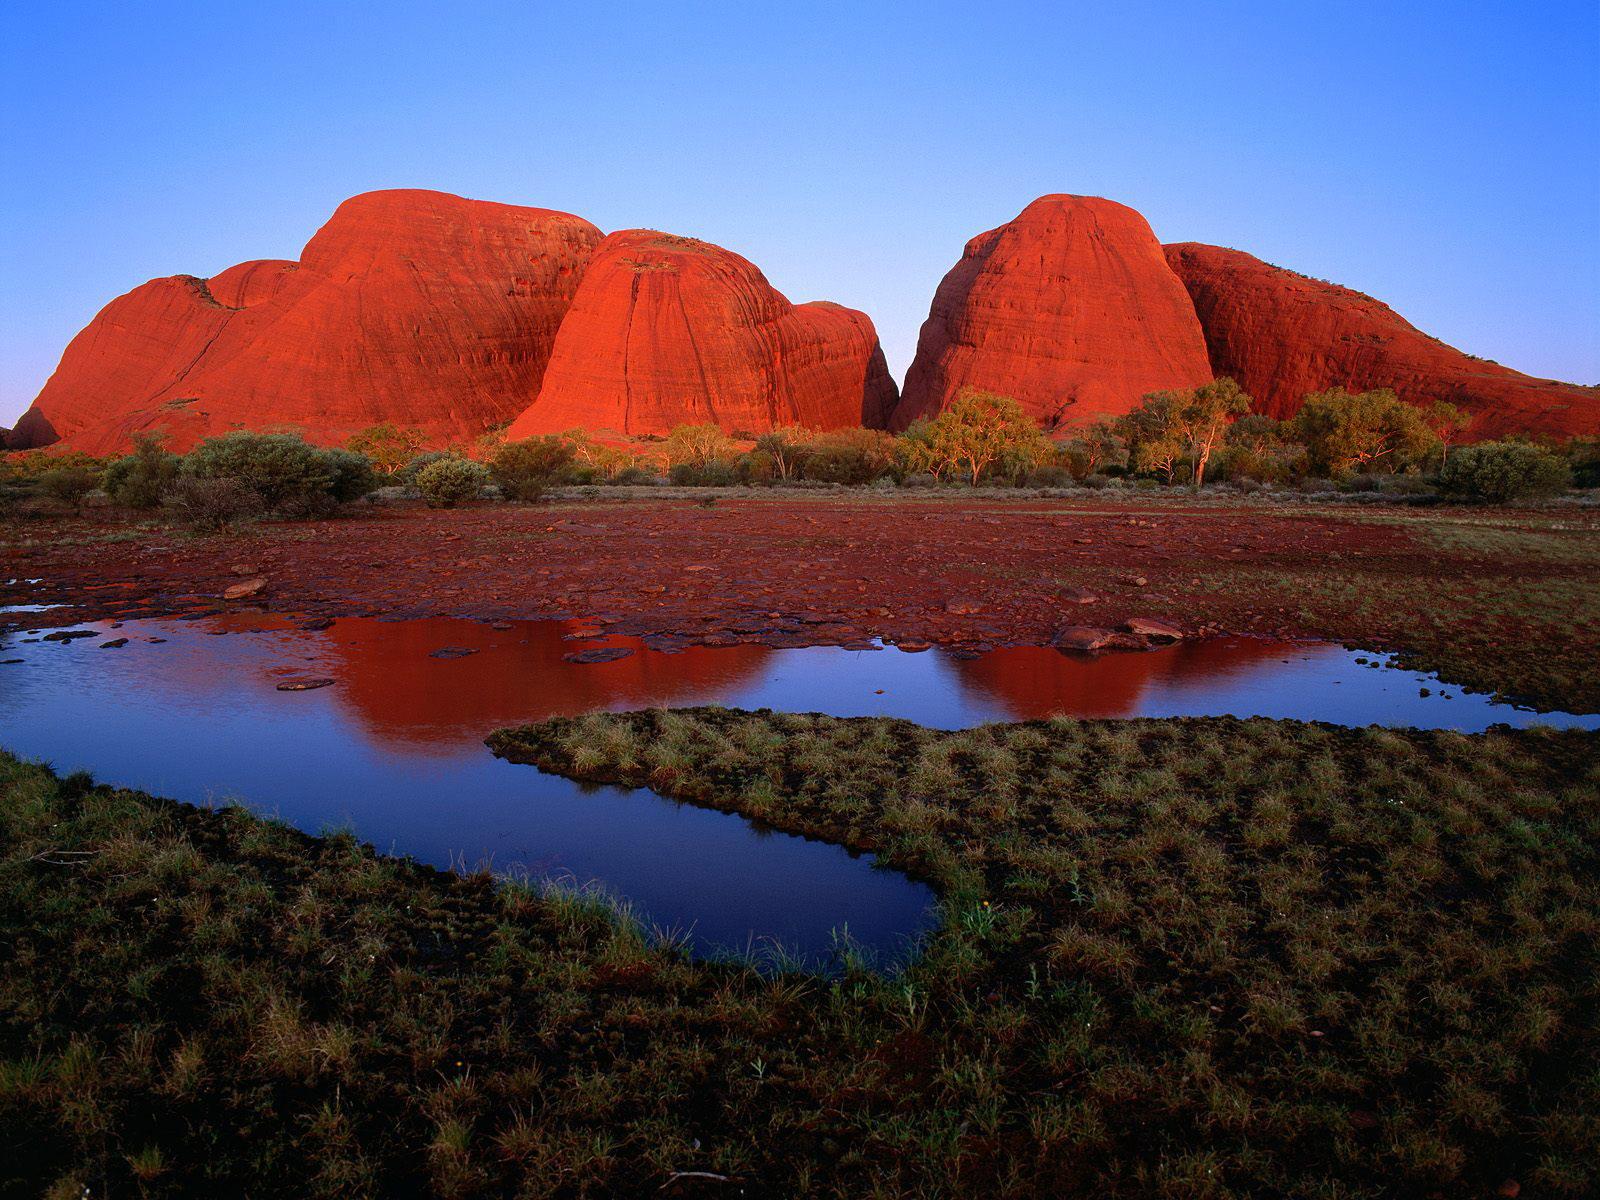 Paisajes de australia fotos para conocer australia - Paisajes de australia ...